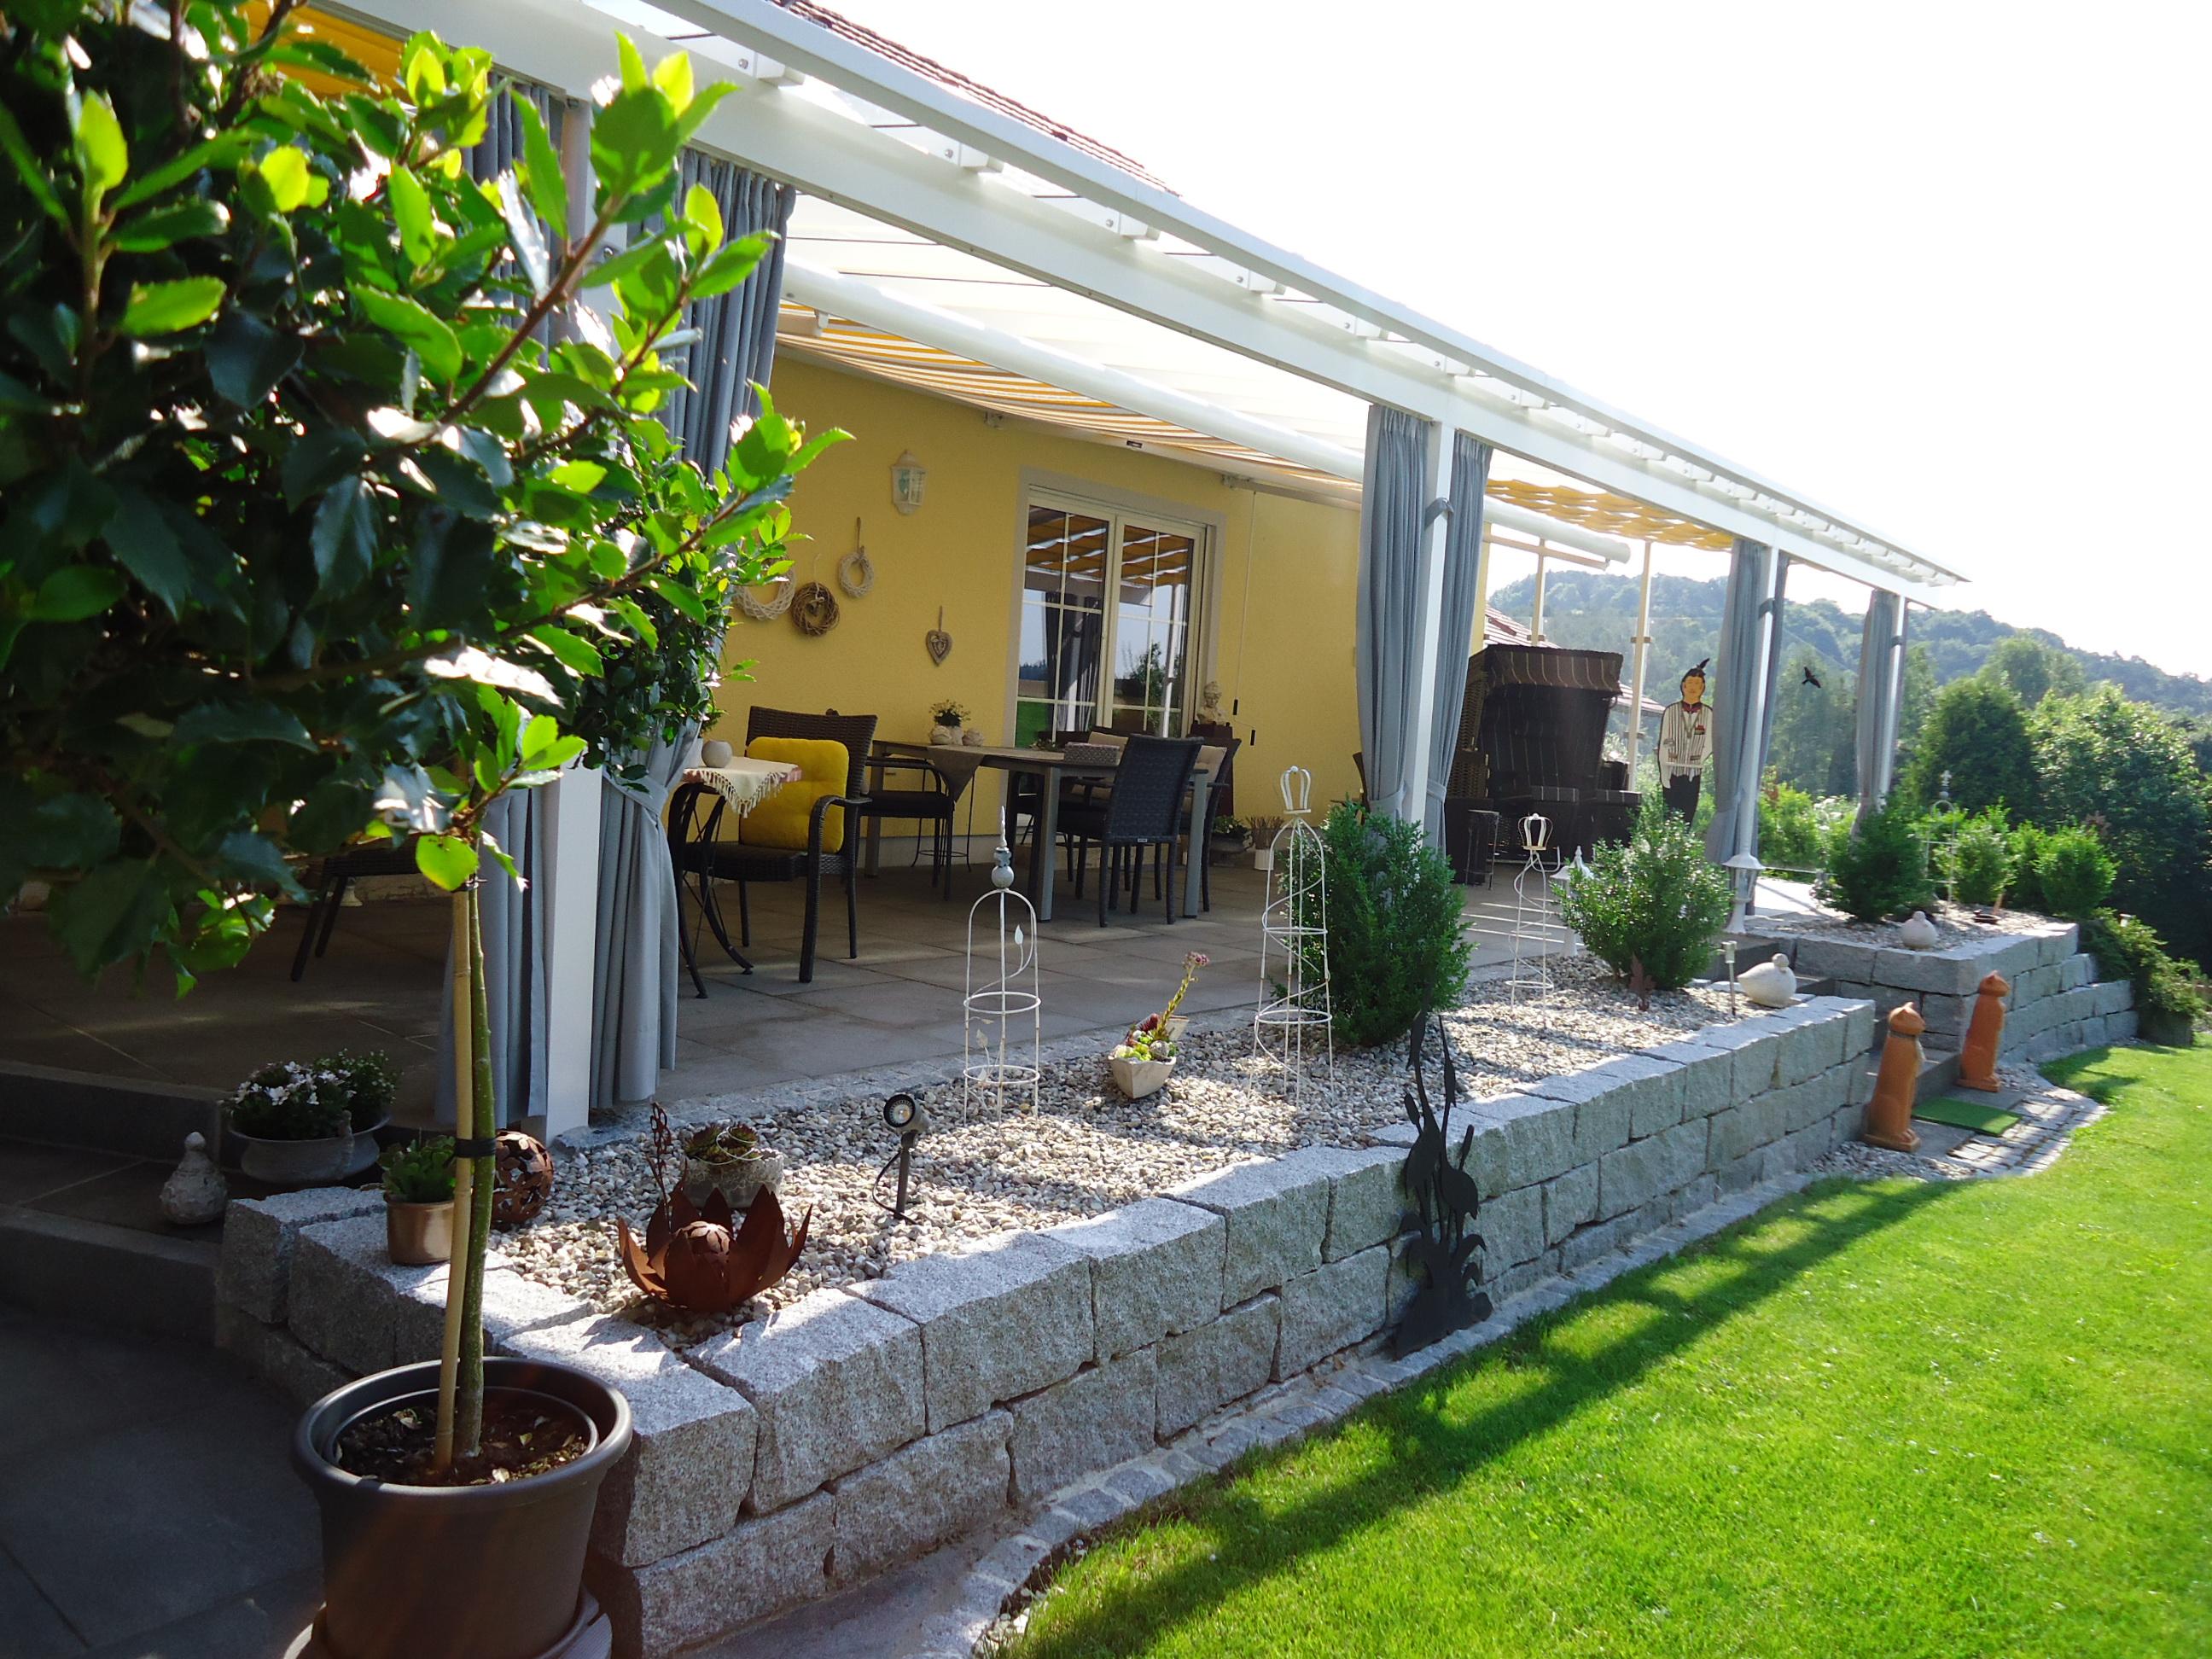 Gartengestaltung bruckmeier garten und landschaftsbau - Gartengestaltung kleine garten ...